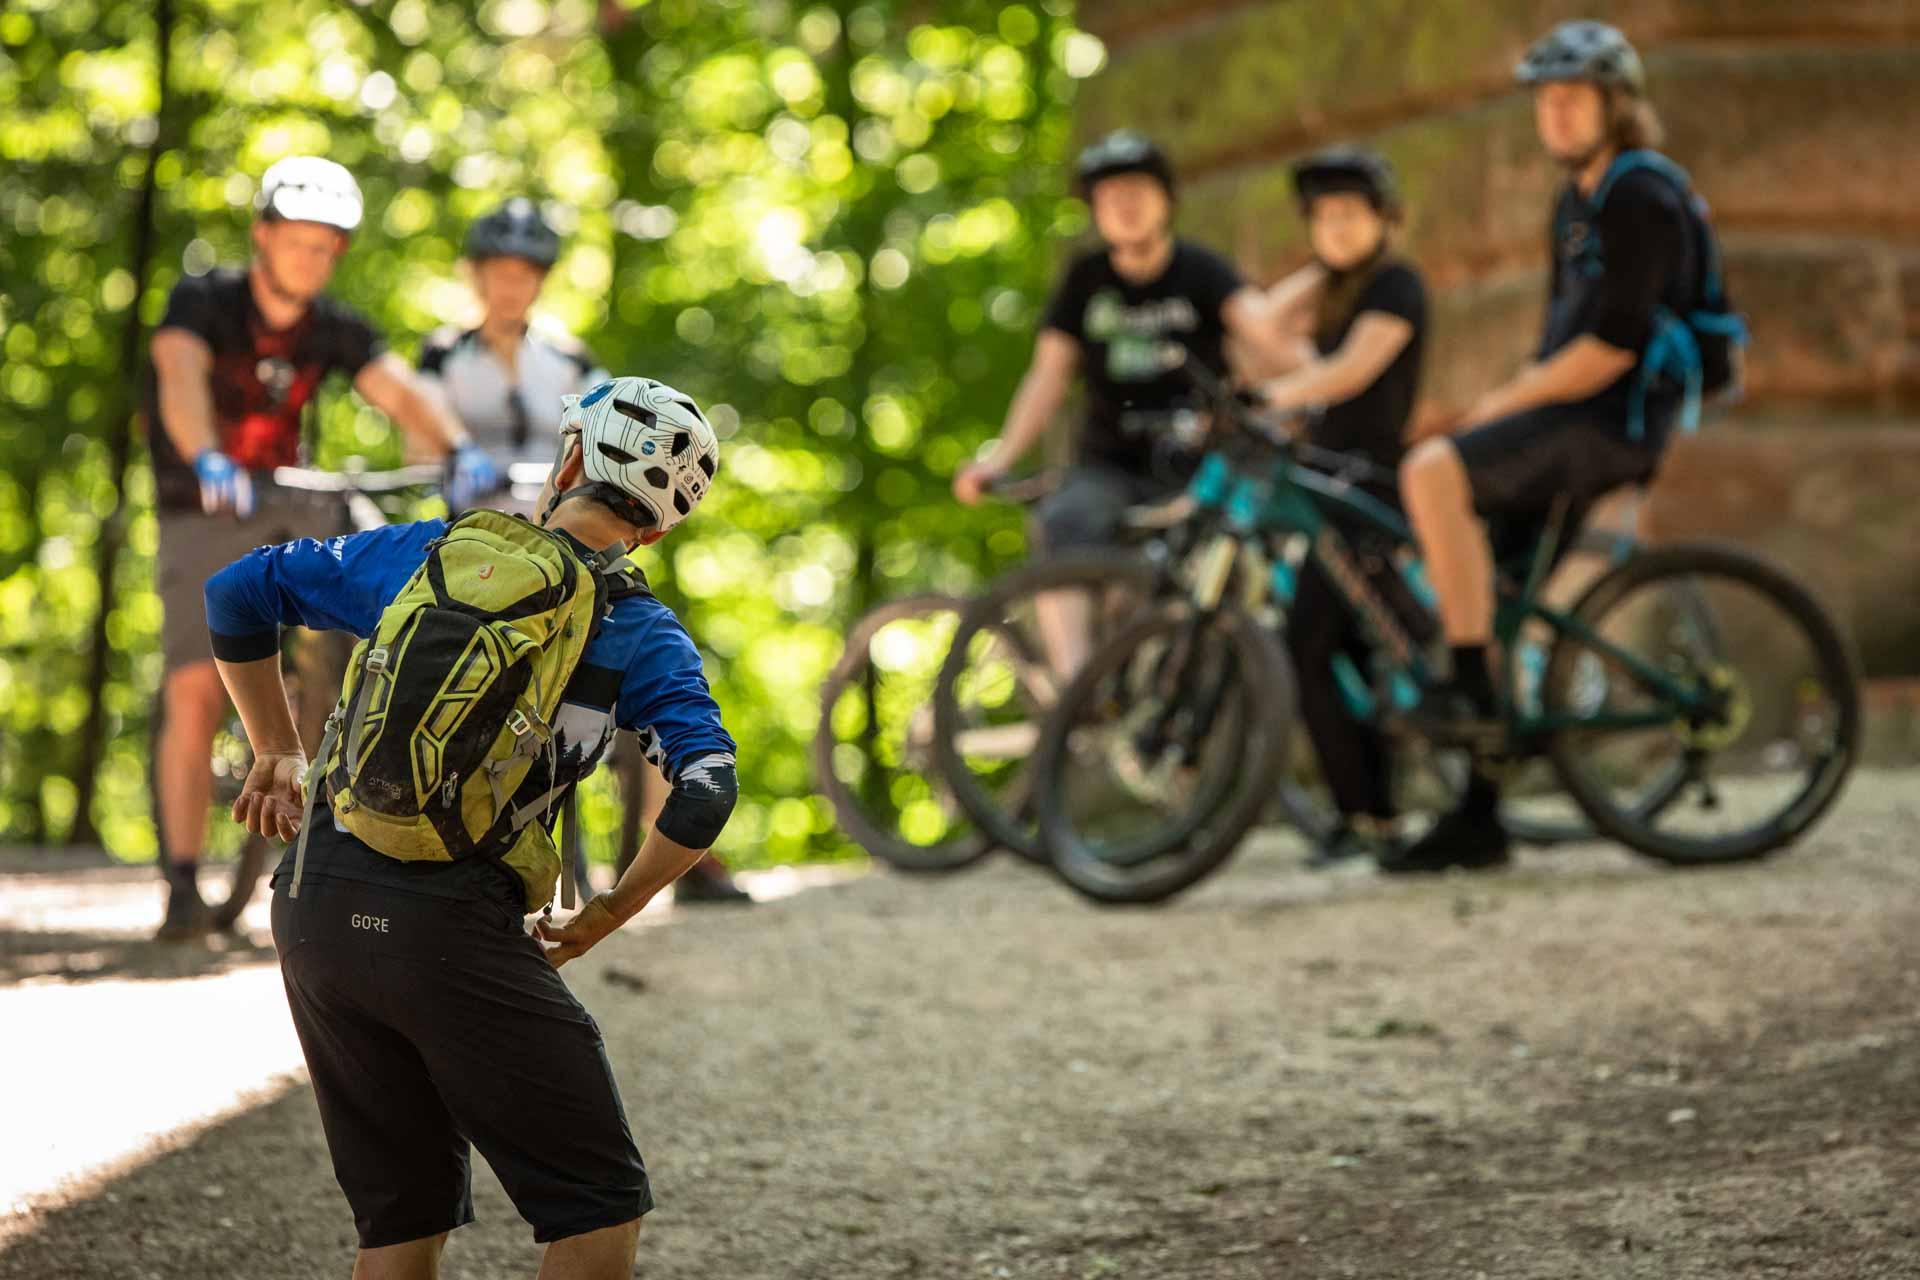 MTB Fahrtechnik Kurs für Einsteiger in Siegburg   Bonn - Mountainbike Basic - Rock my Trail Bikeschule - 17